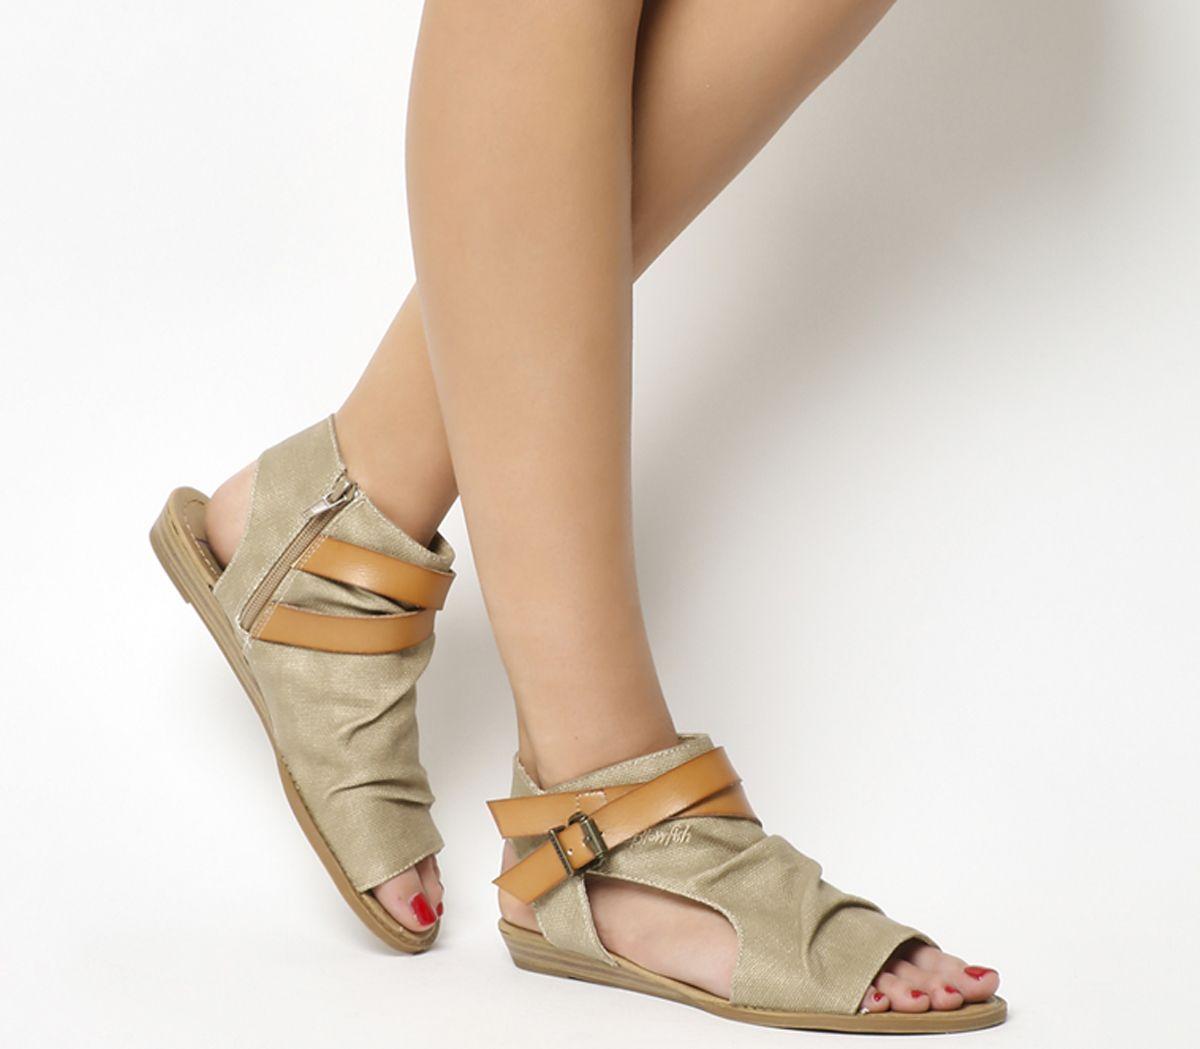 a15505a17f51 Sentinel Womens Blowfish Balla Sandals Desert Sand Canvas Dye Cut Sandals